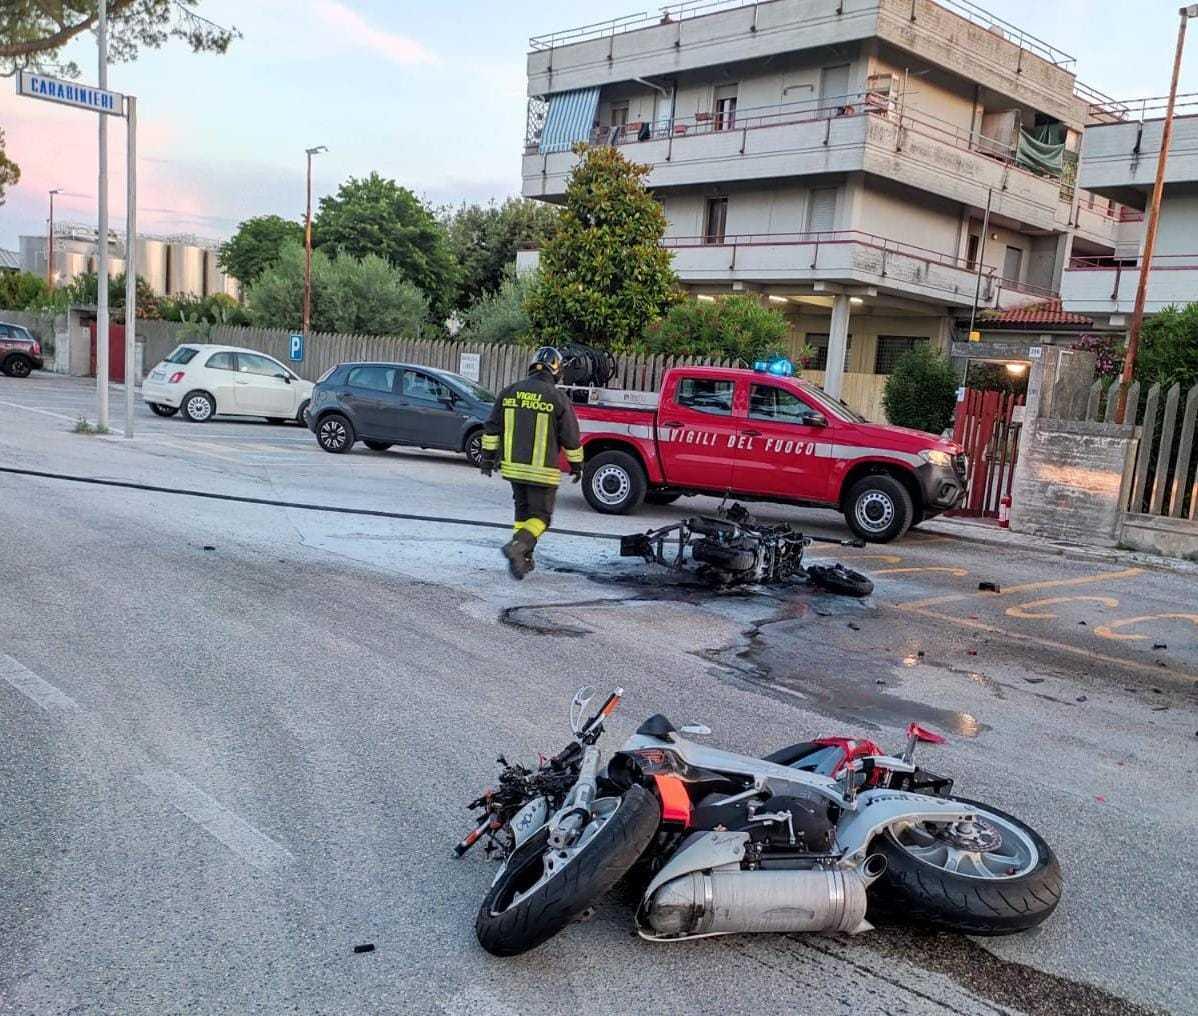 FOTO   Martinsicuro, scontro tra moto e scooter: morti due giovani centauri